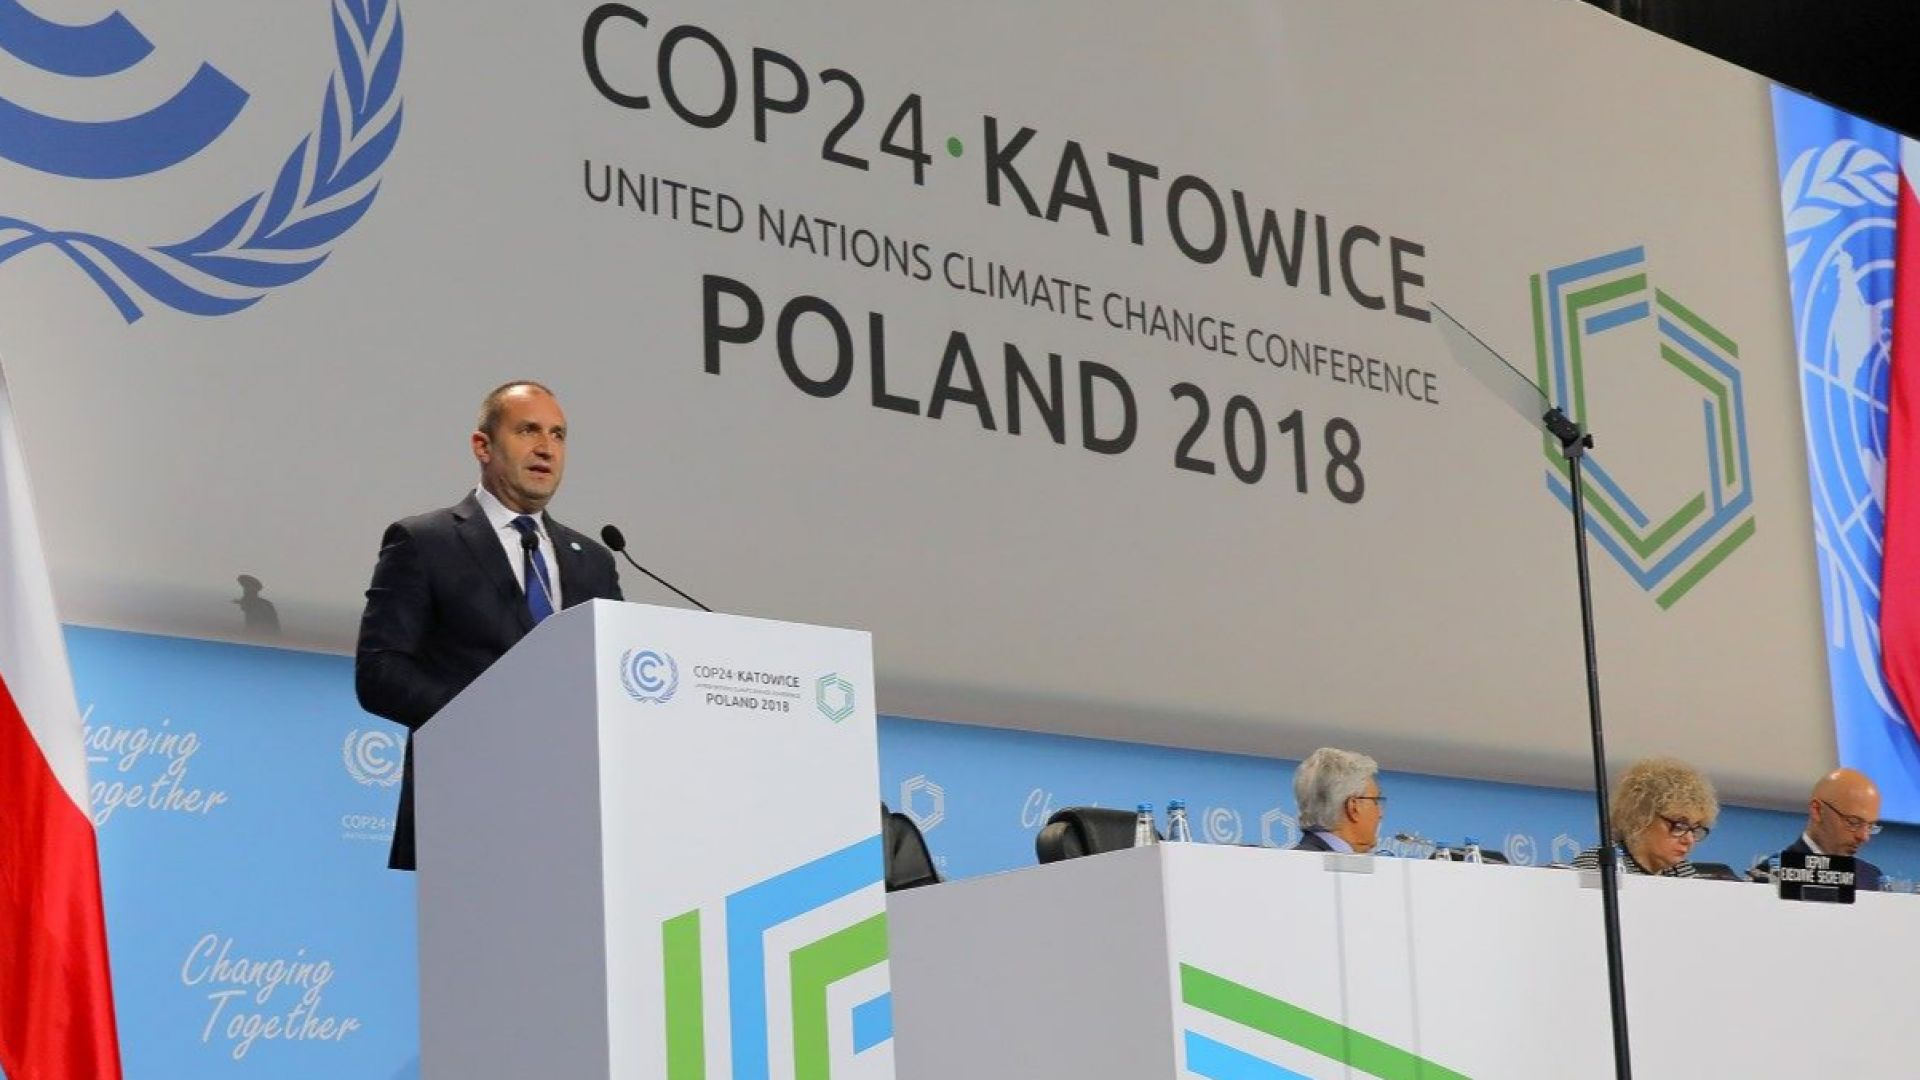 Радев: По-голямо намаляване на емисиите газове не е наш национален интерес